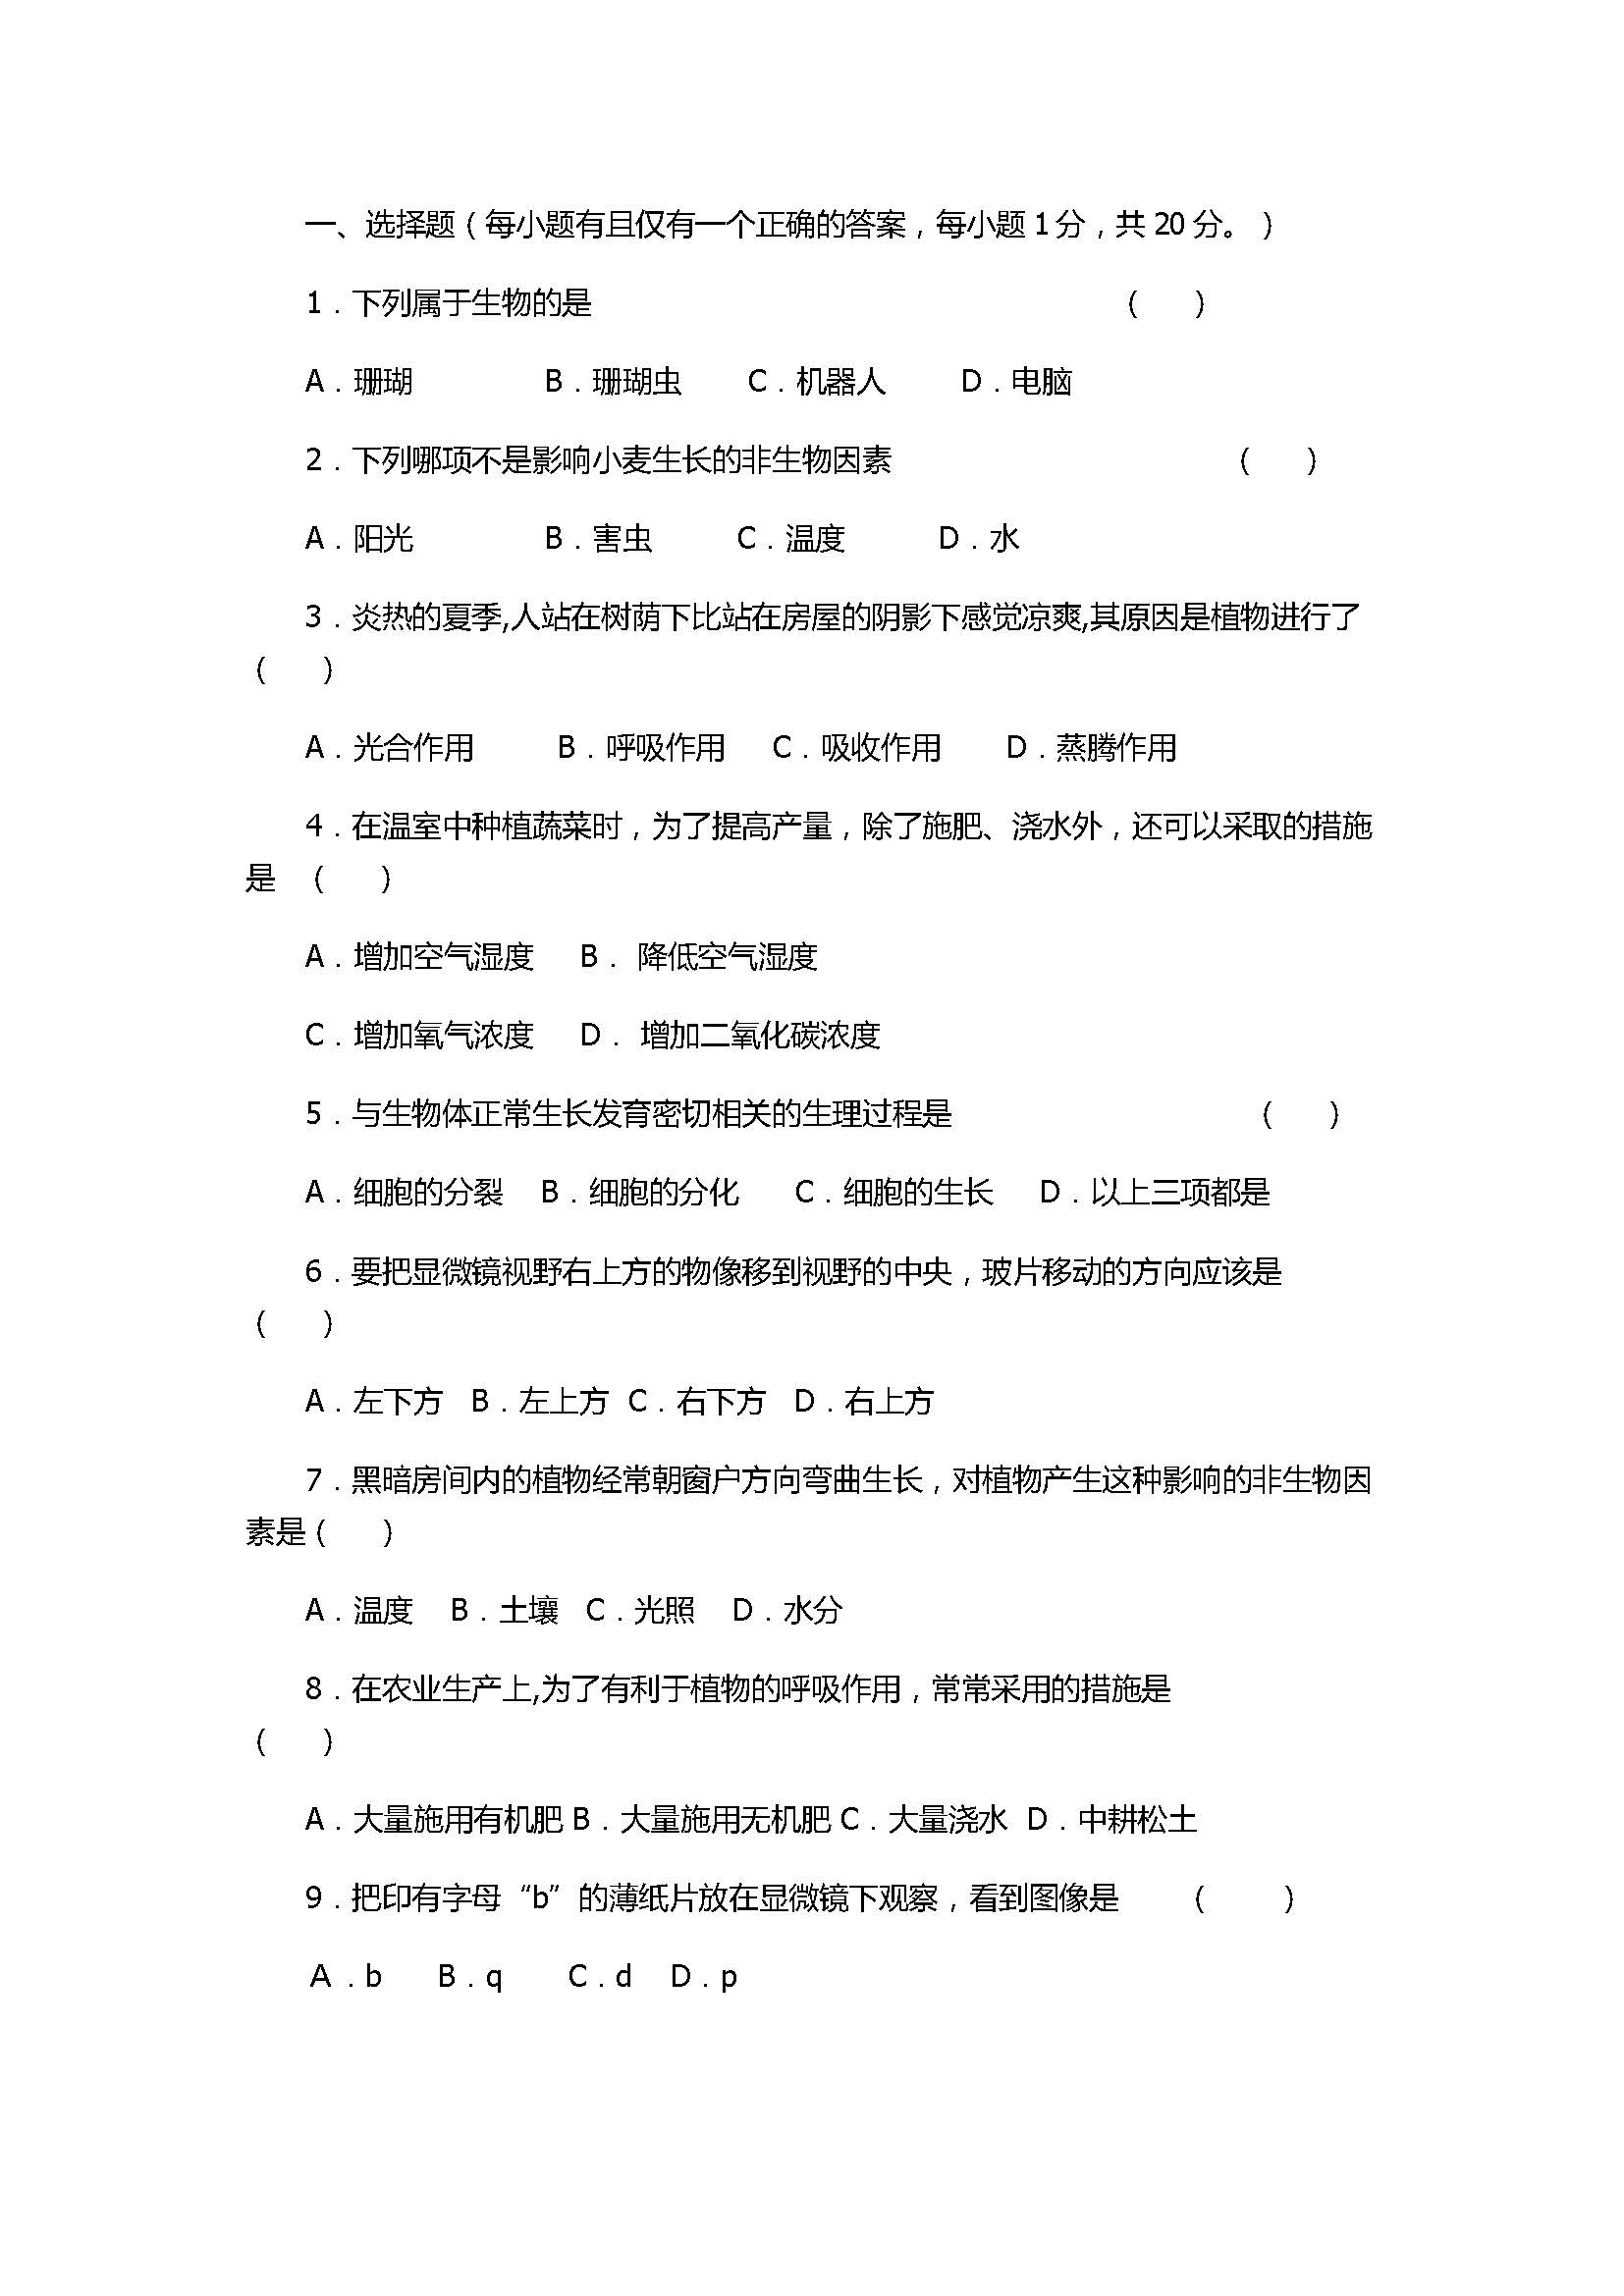 2017七年级生物期末试卷含参考答案(高台县)